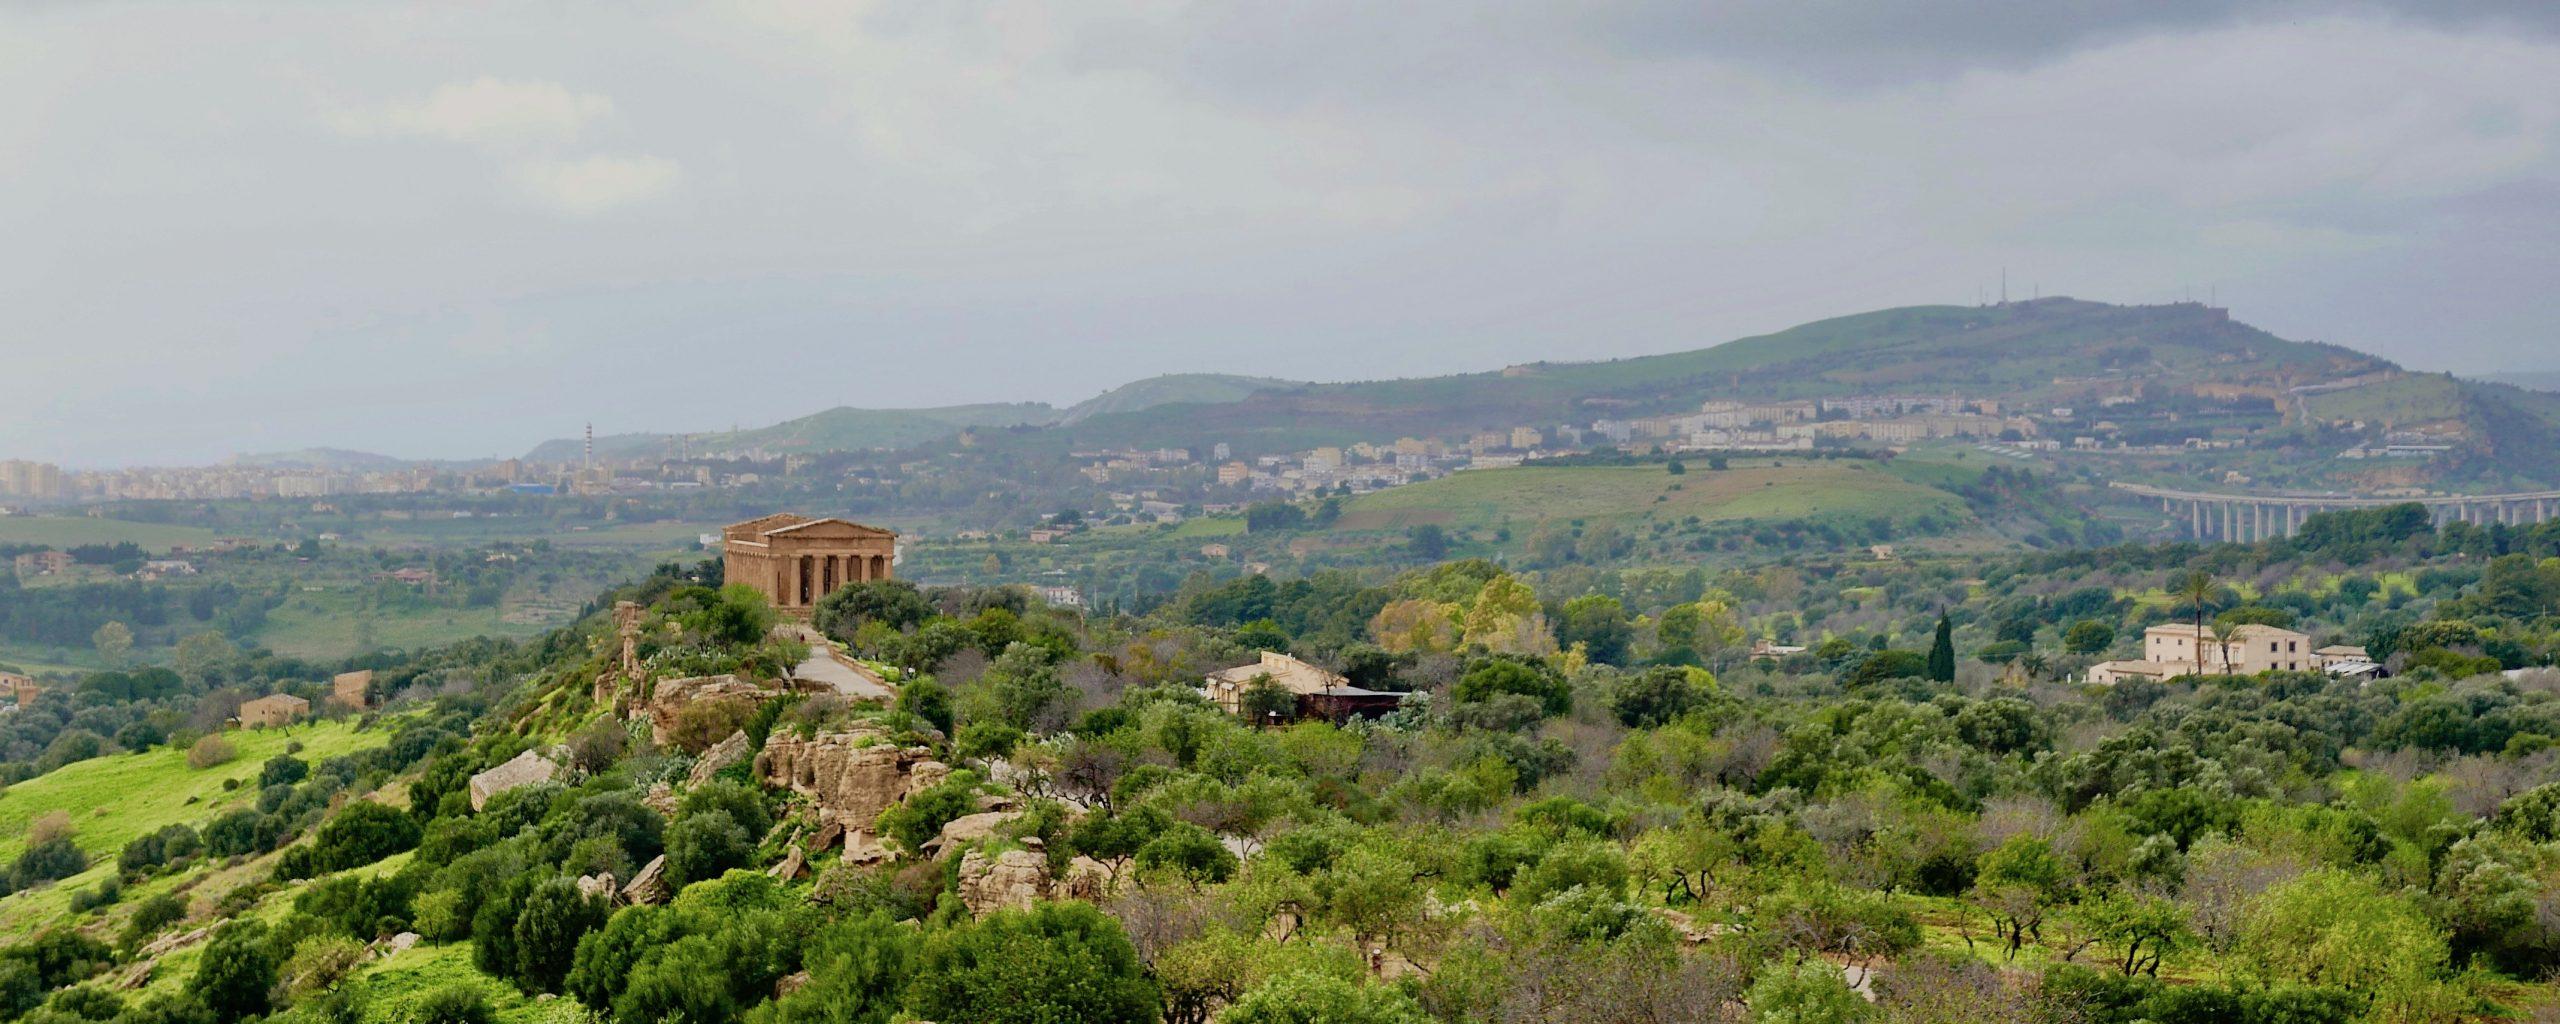 西西里島景點|阿格里真托神殿之谷門票、交通、路線、神廟介紹